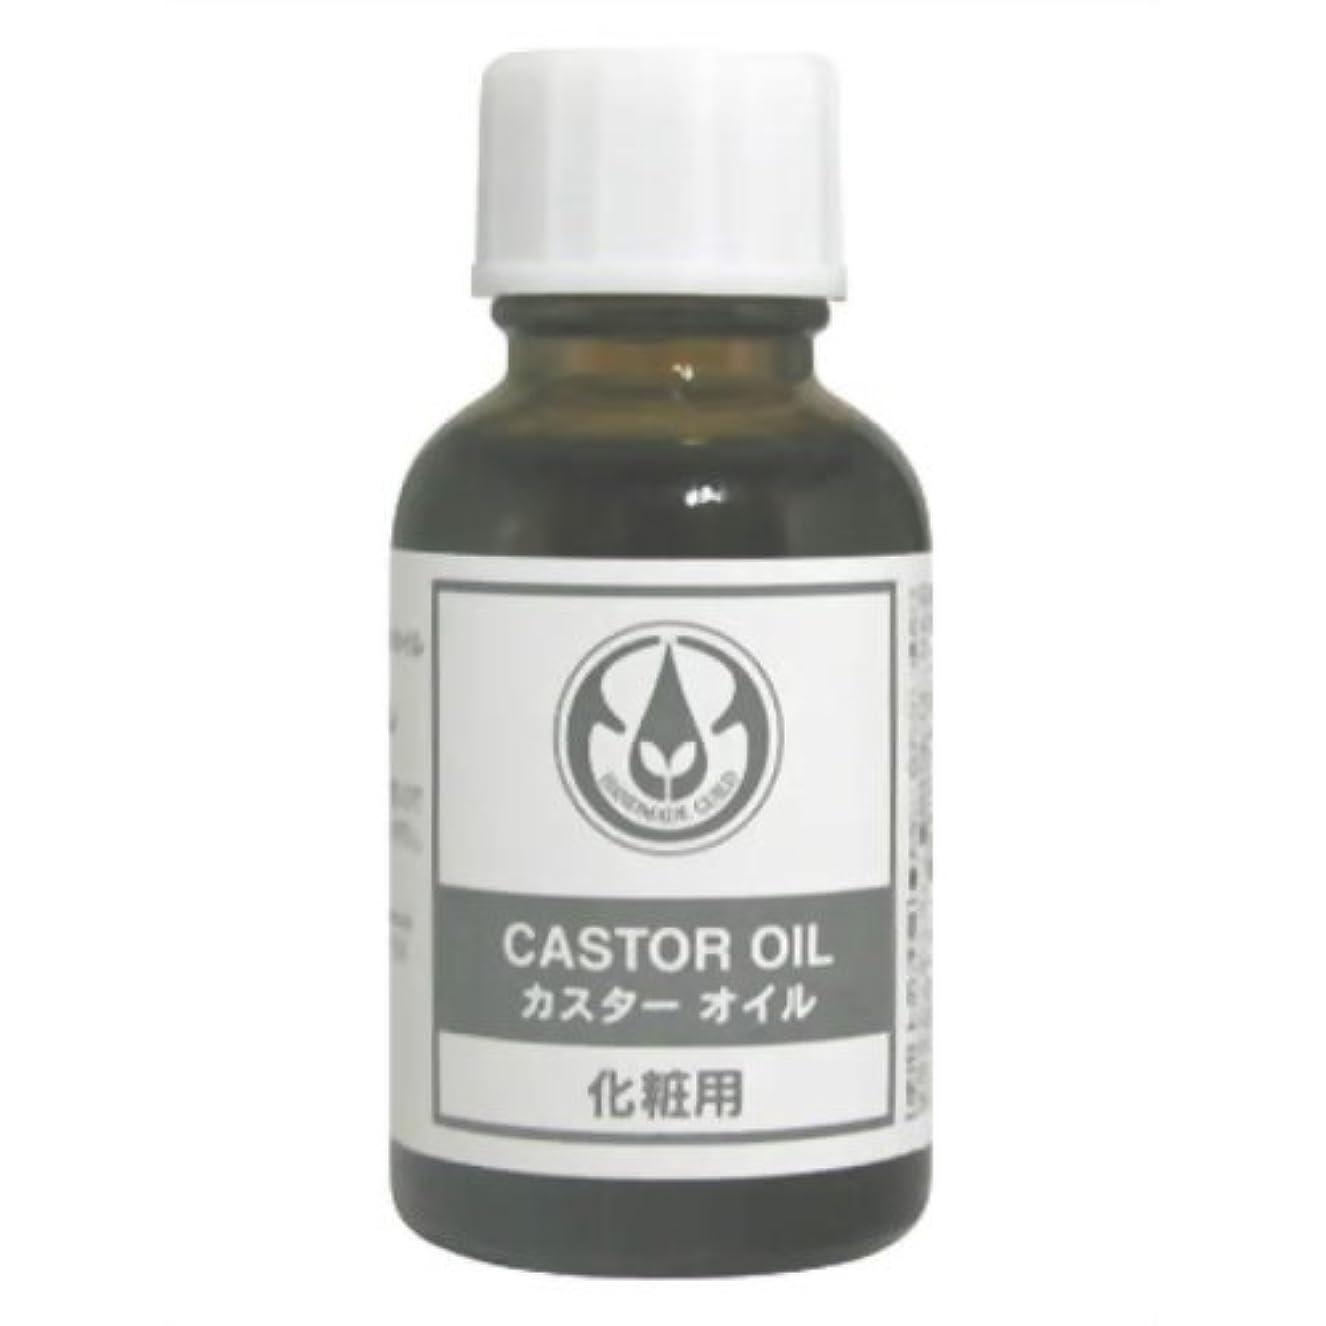 キウイ経験商品生活の木 カスターオイル 25ml